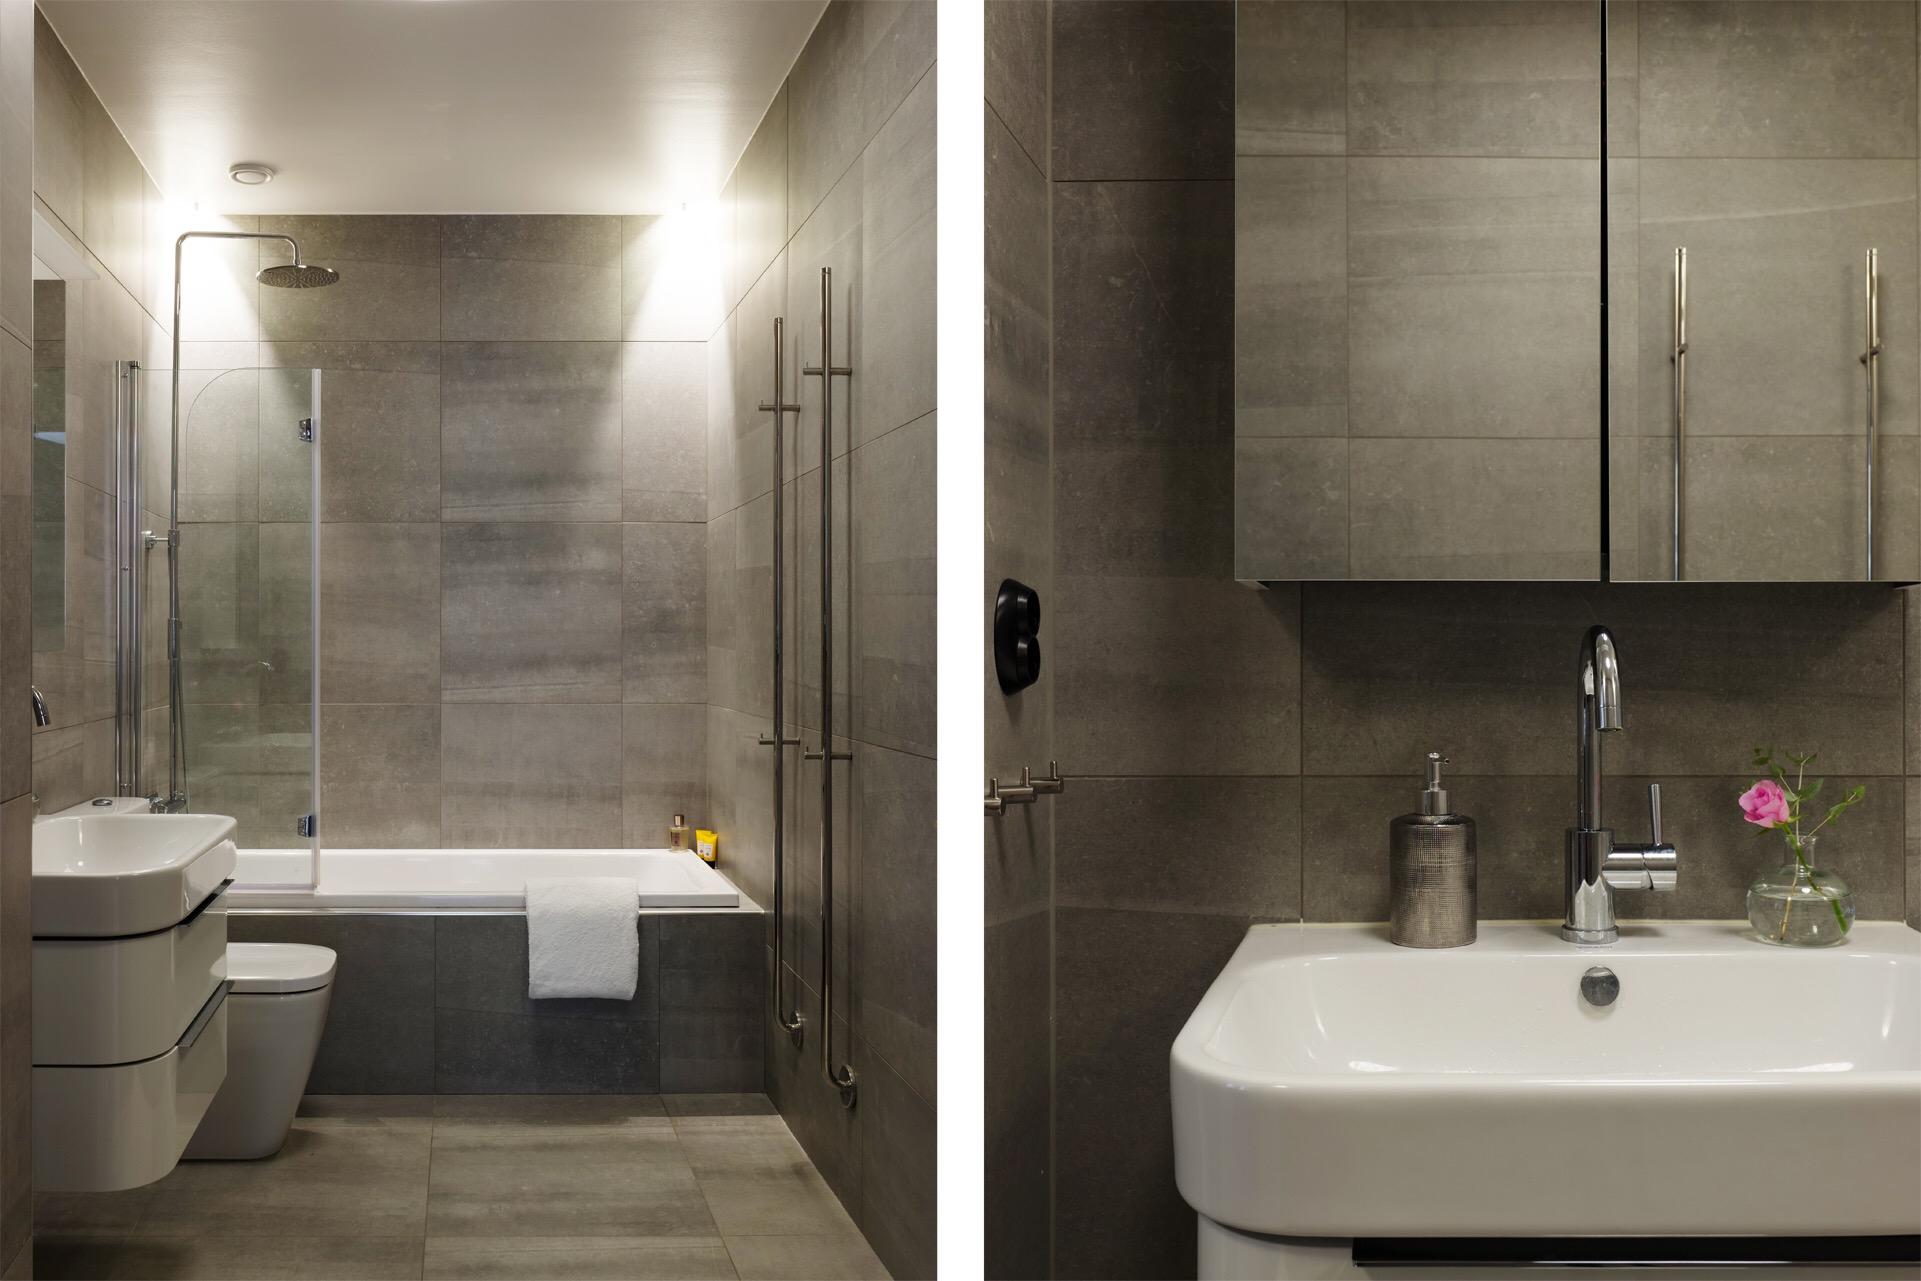 ванная комната ванна душ раковина смеситель зеркальный шкафчик плитка